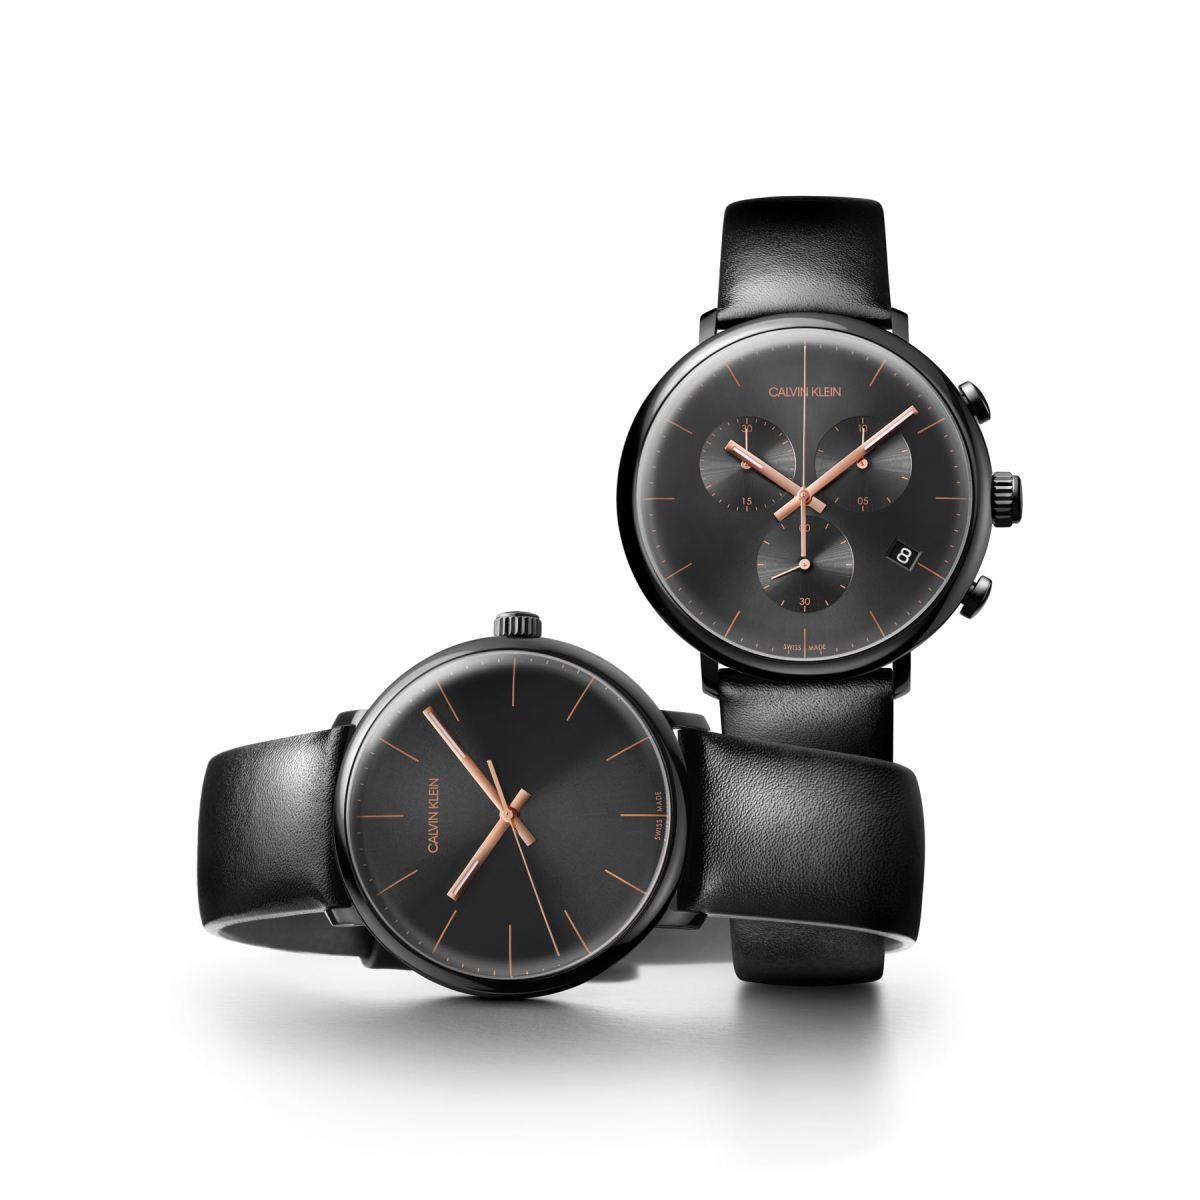 Bộ sưu tập đồng hồ Calvin Klein High Noon